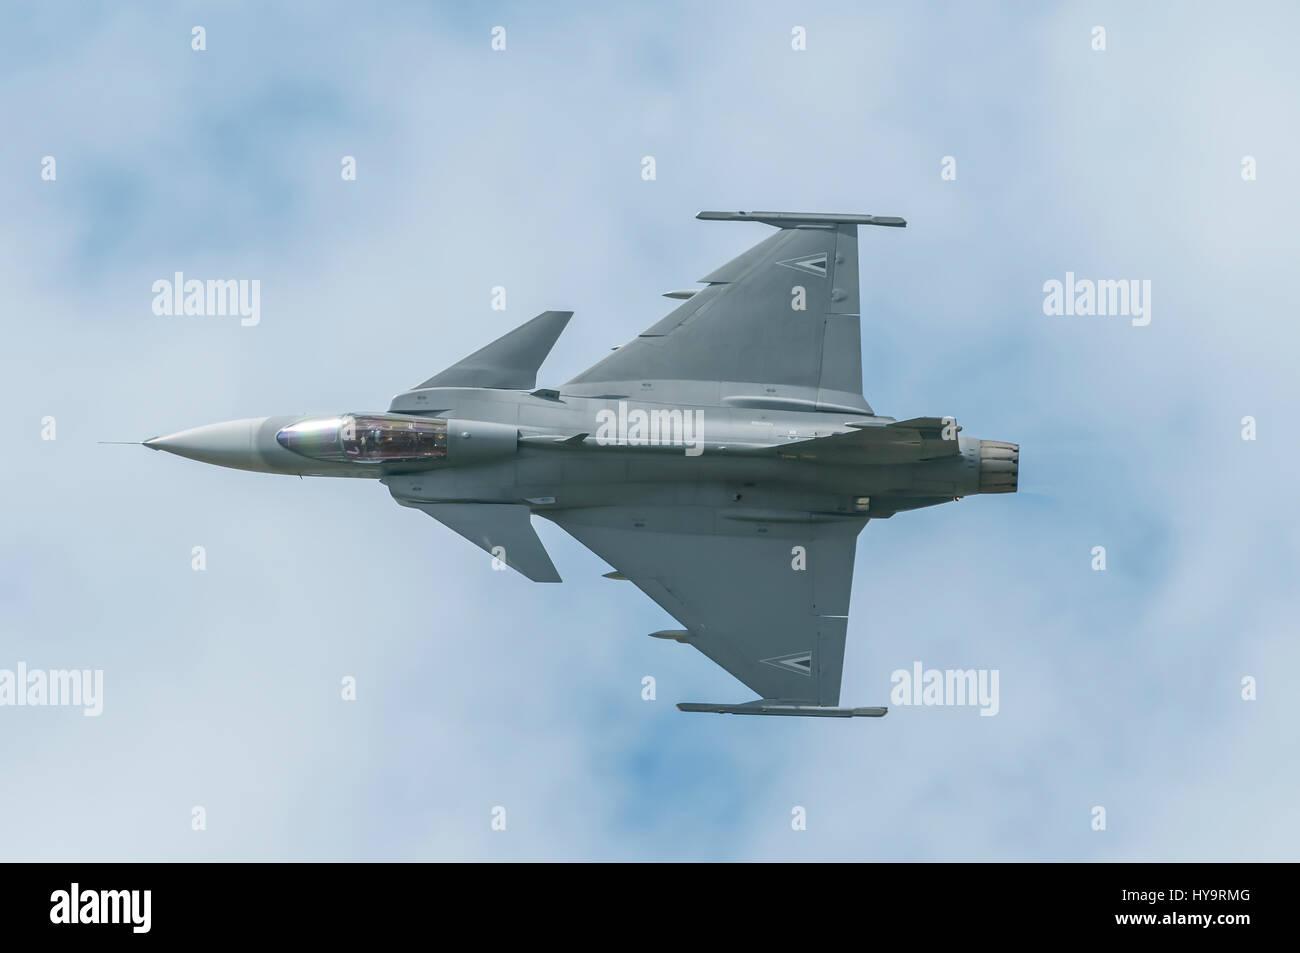 Saab JAS 39 Gripen is a light single-engine multirole